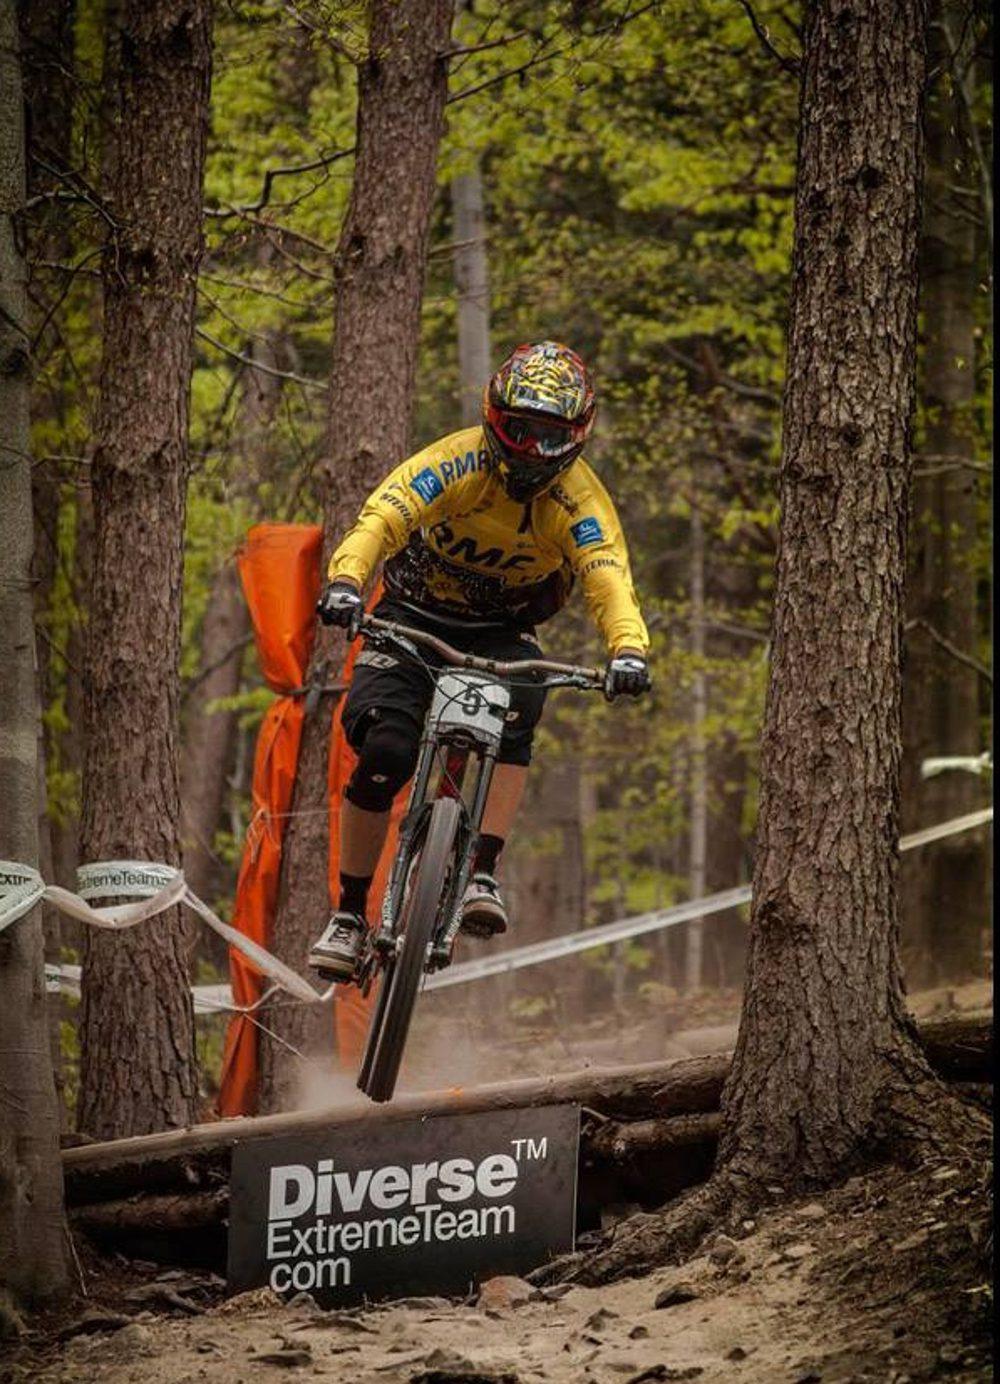 Diverse Downhill Foto Contest: ustrzel zdjęcie i wygraj! + video zapowiedź